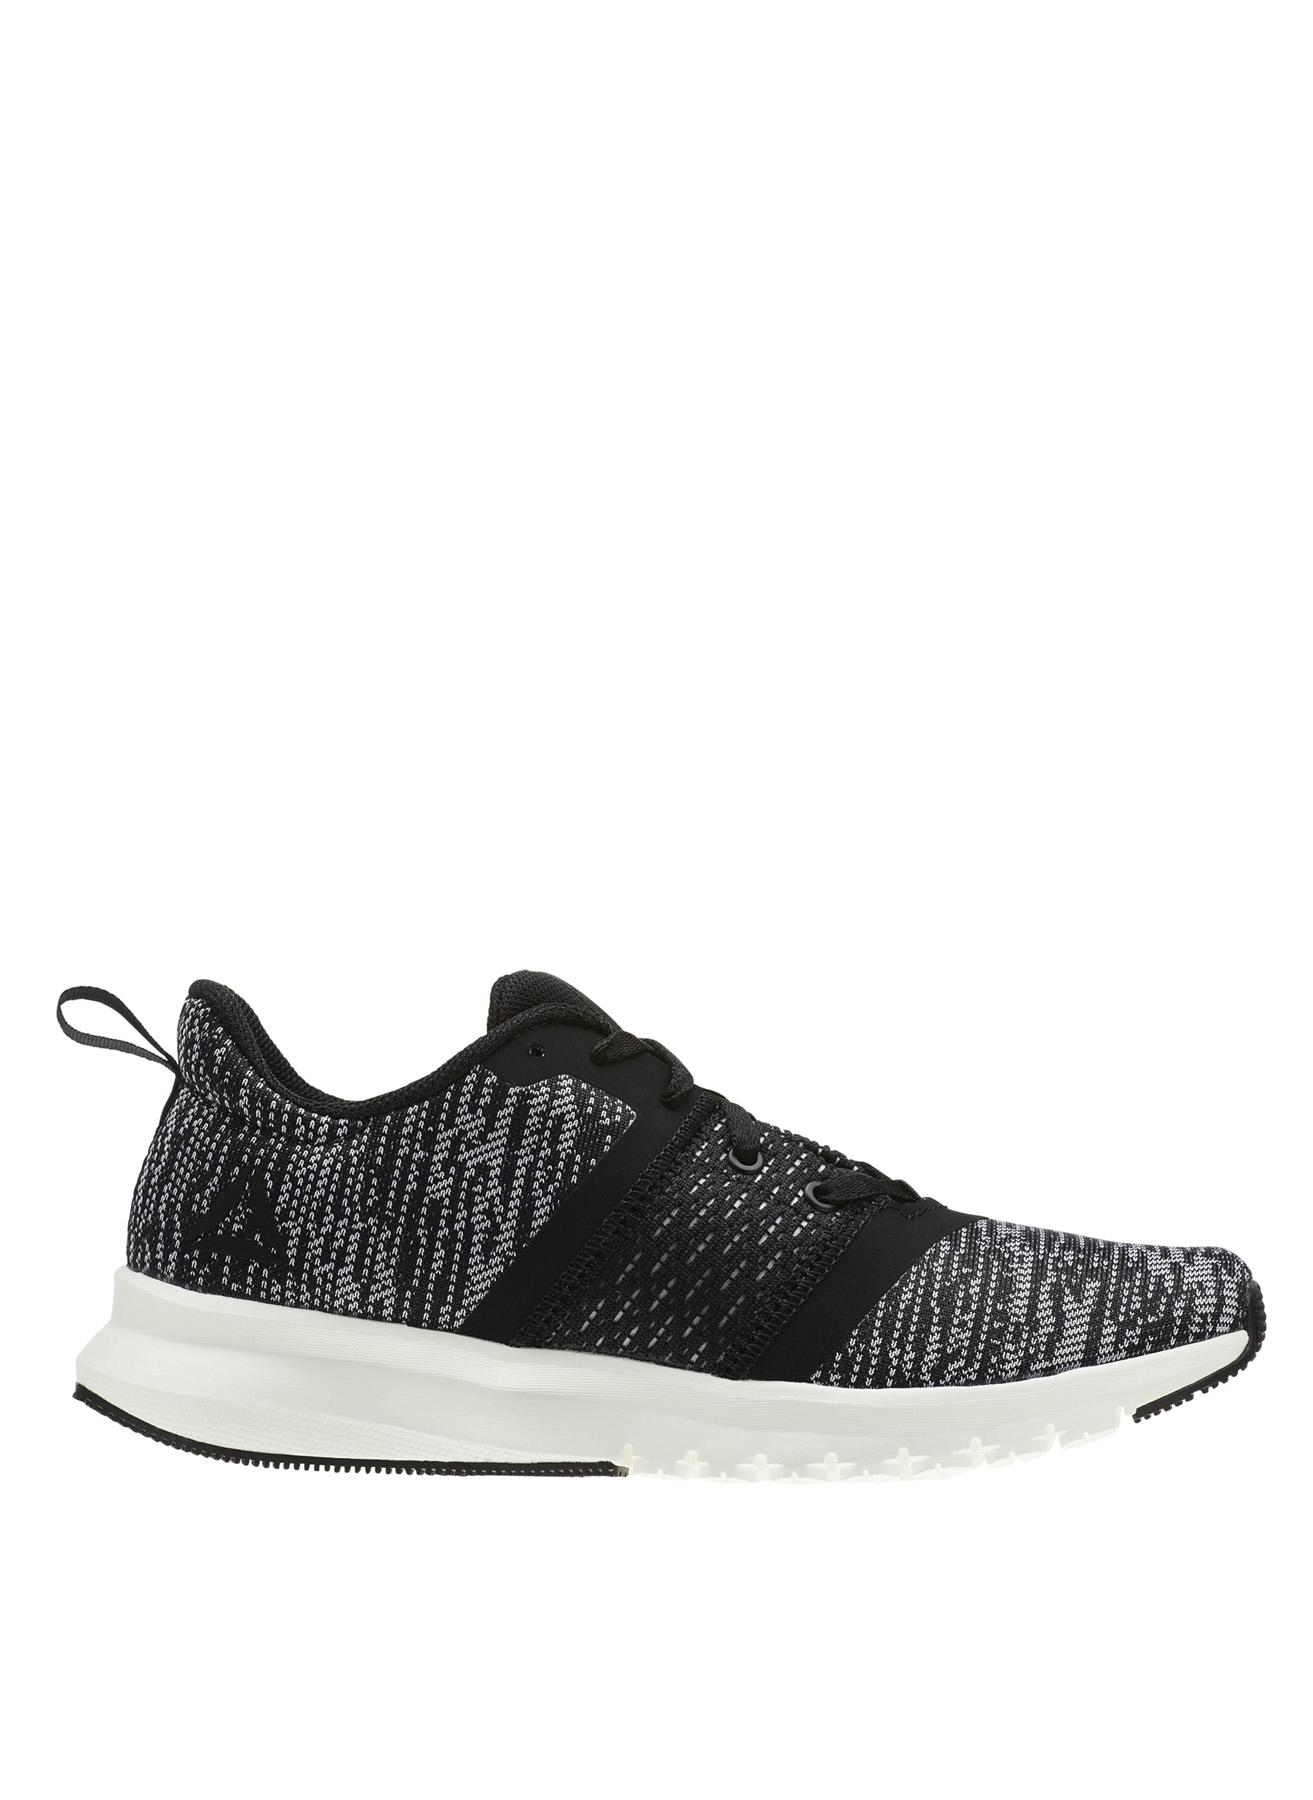 Reebok Print Lite Rush Koşu Ayakkabısı 39 5001633187006 Ürün Resmi